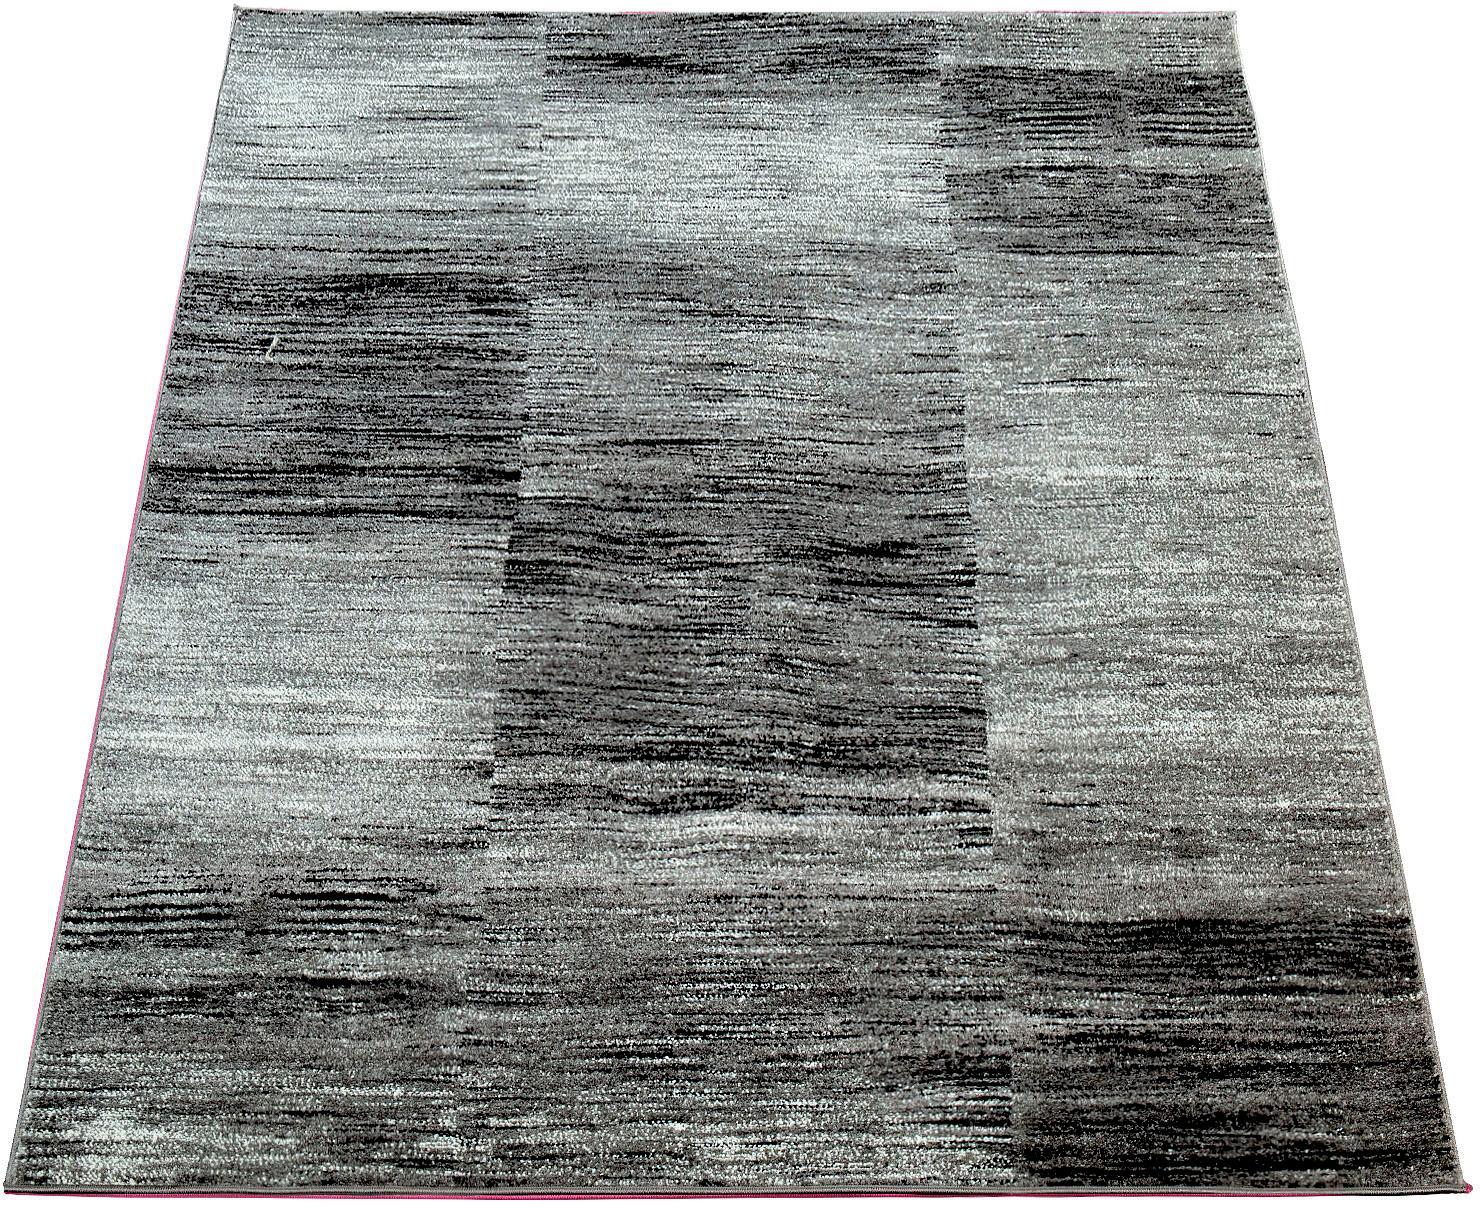 Teppich ECE 917 Paco Home rechteckig Höhe 14 mm maschinell gewebt